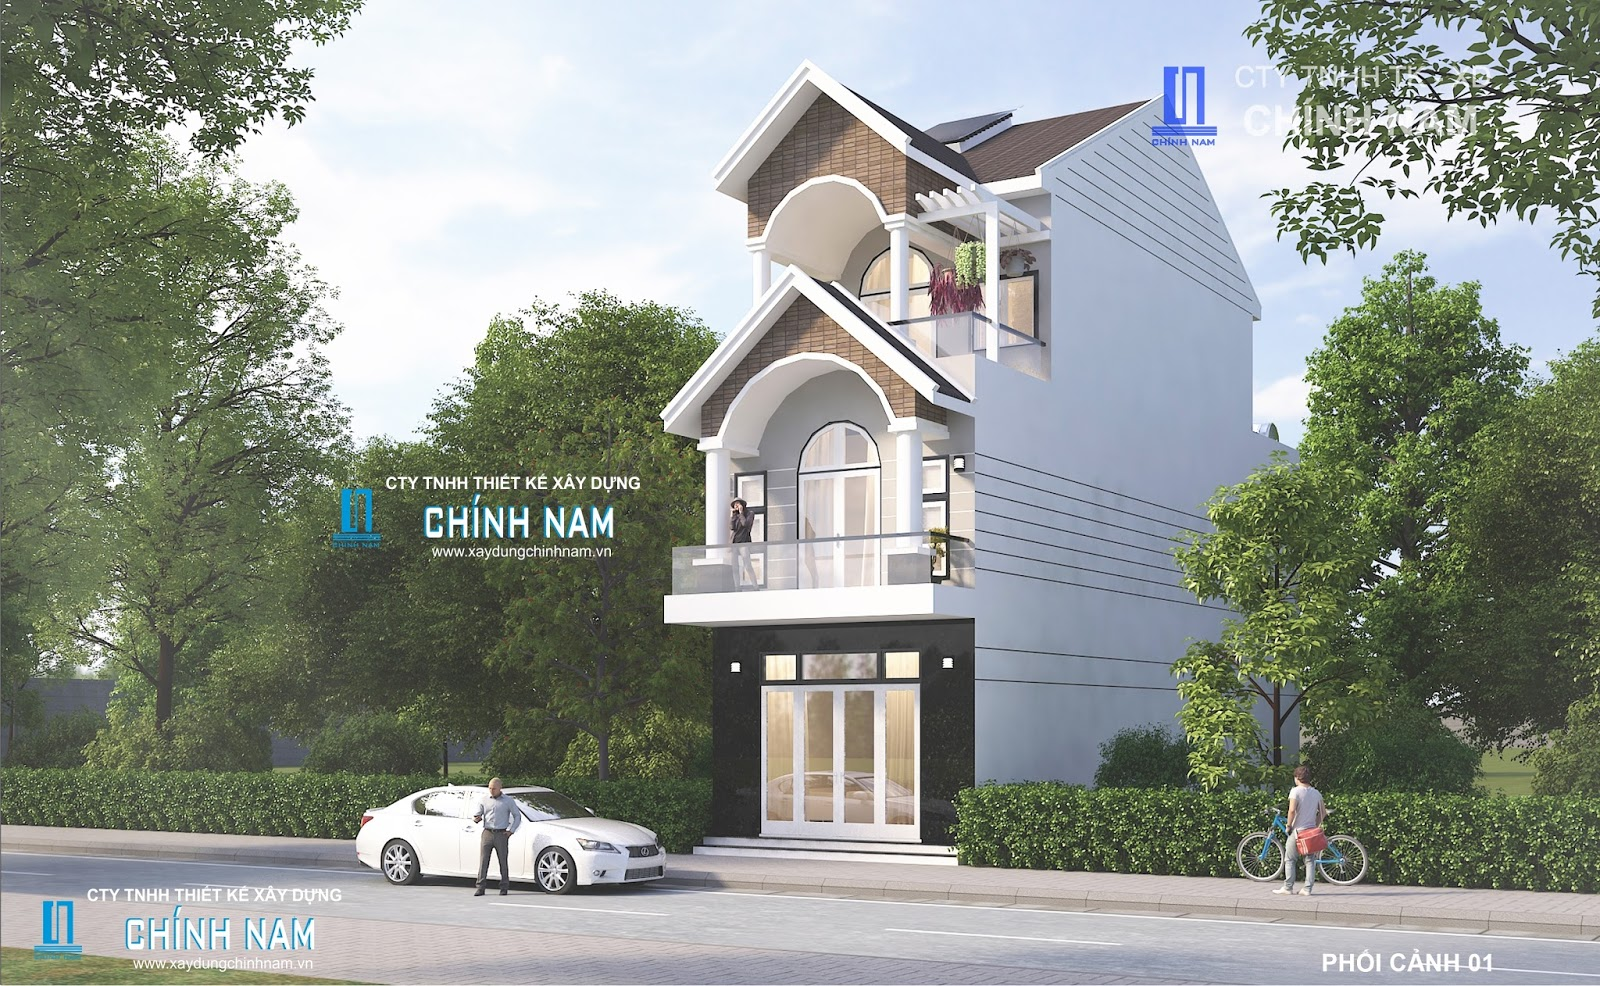 Thiết kế nhà chị Ngọc ở Biên Hoà